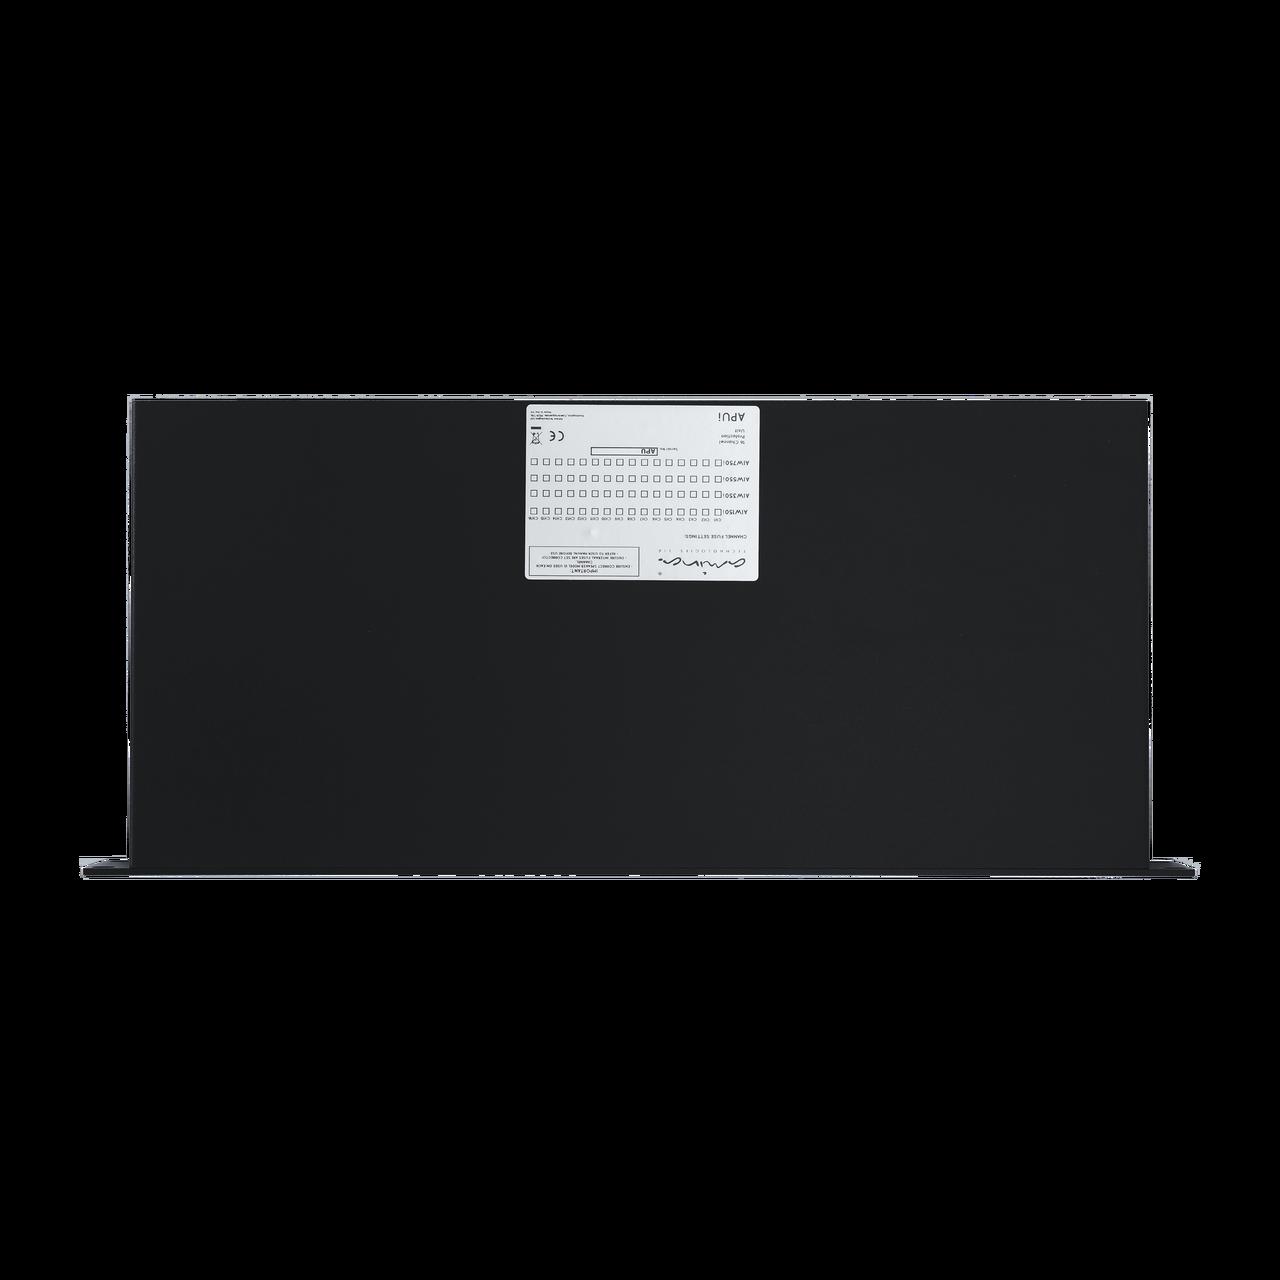 8-канальный модуль защиты Amina APU-RS8iC